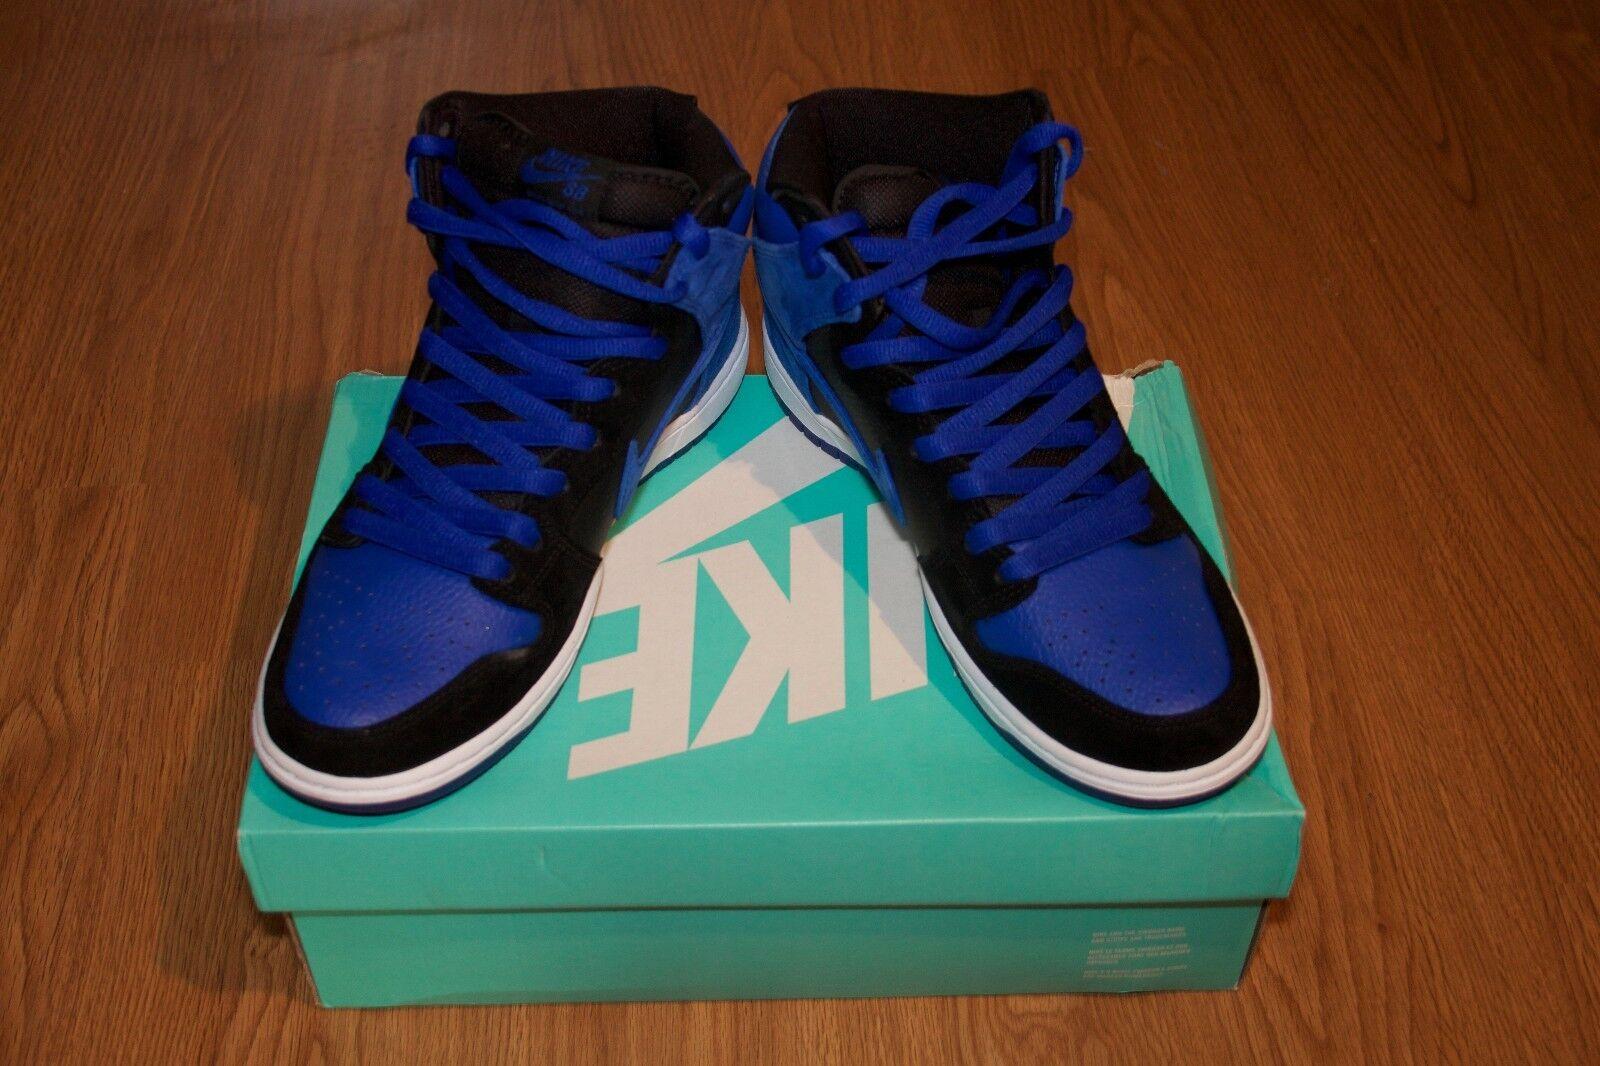 Men's Nike Dunk High Pro SB J-pack Size 10